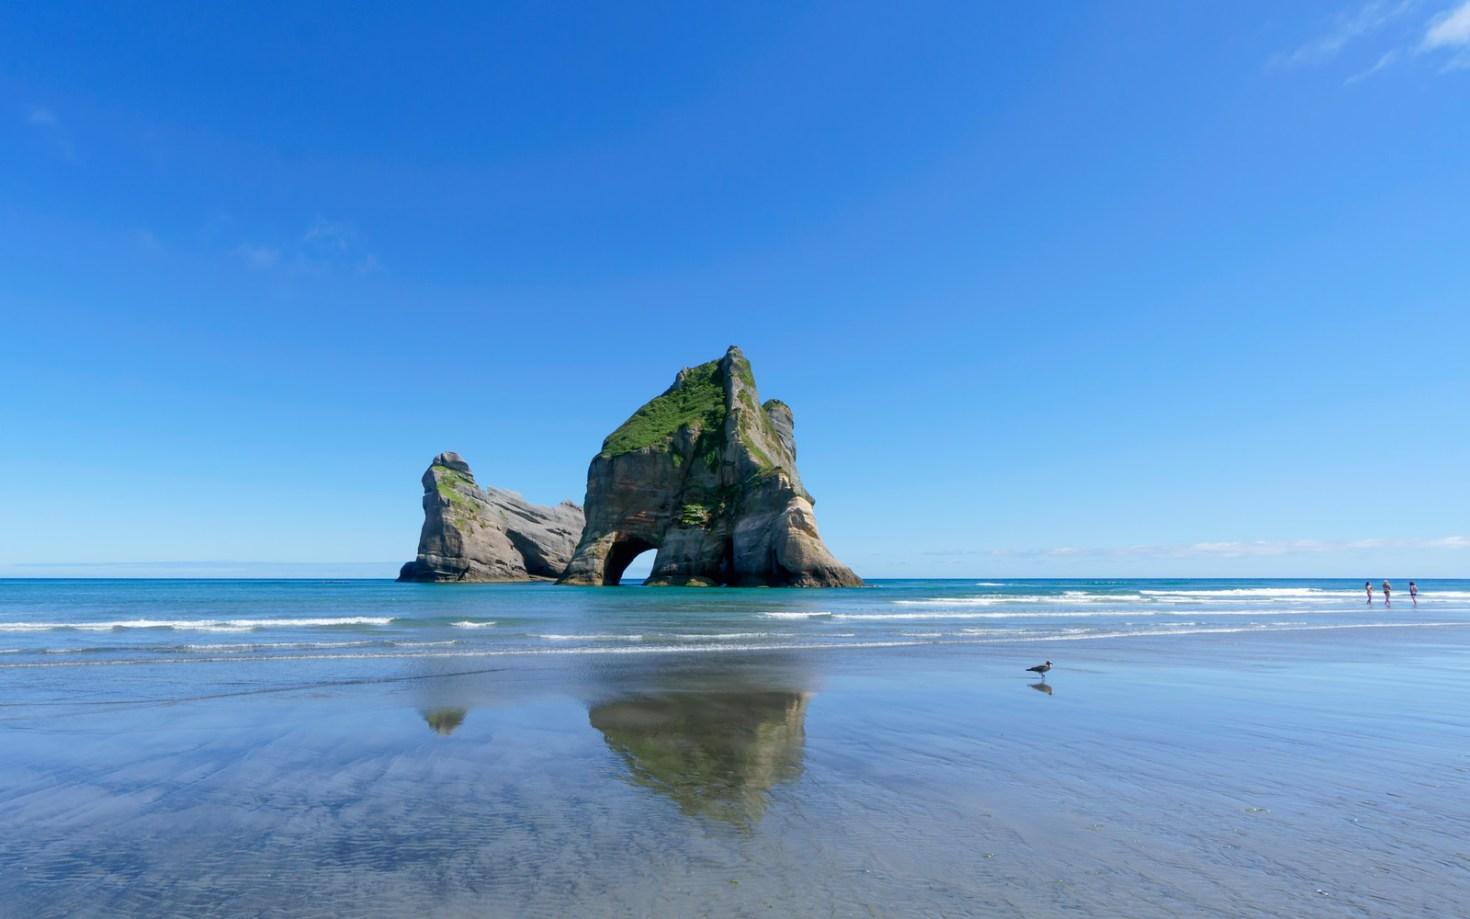 New Zealand - Archway Island